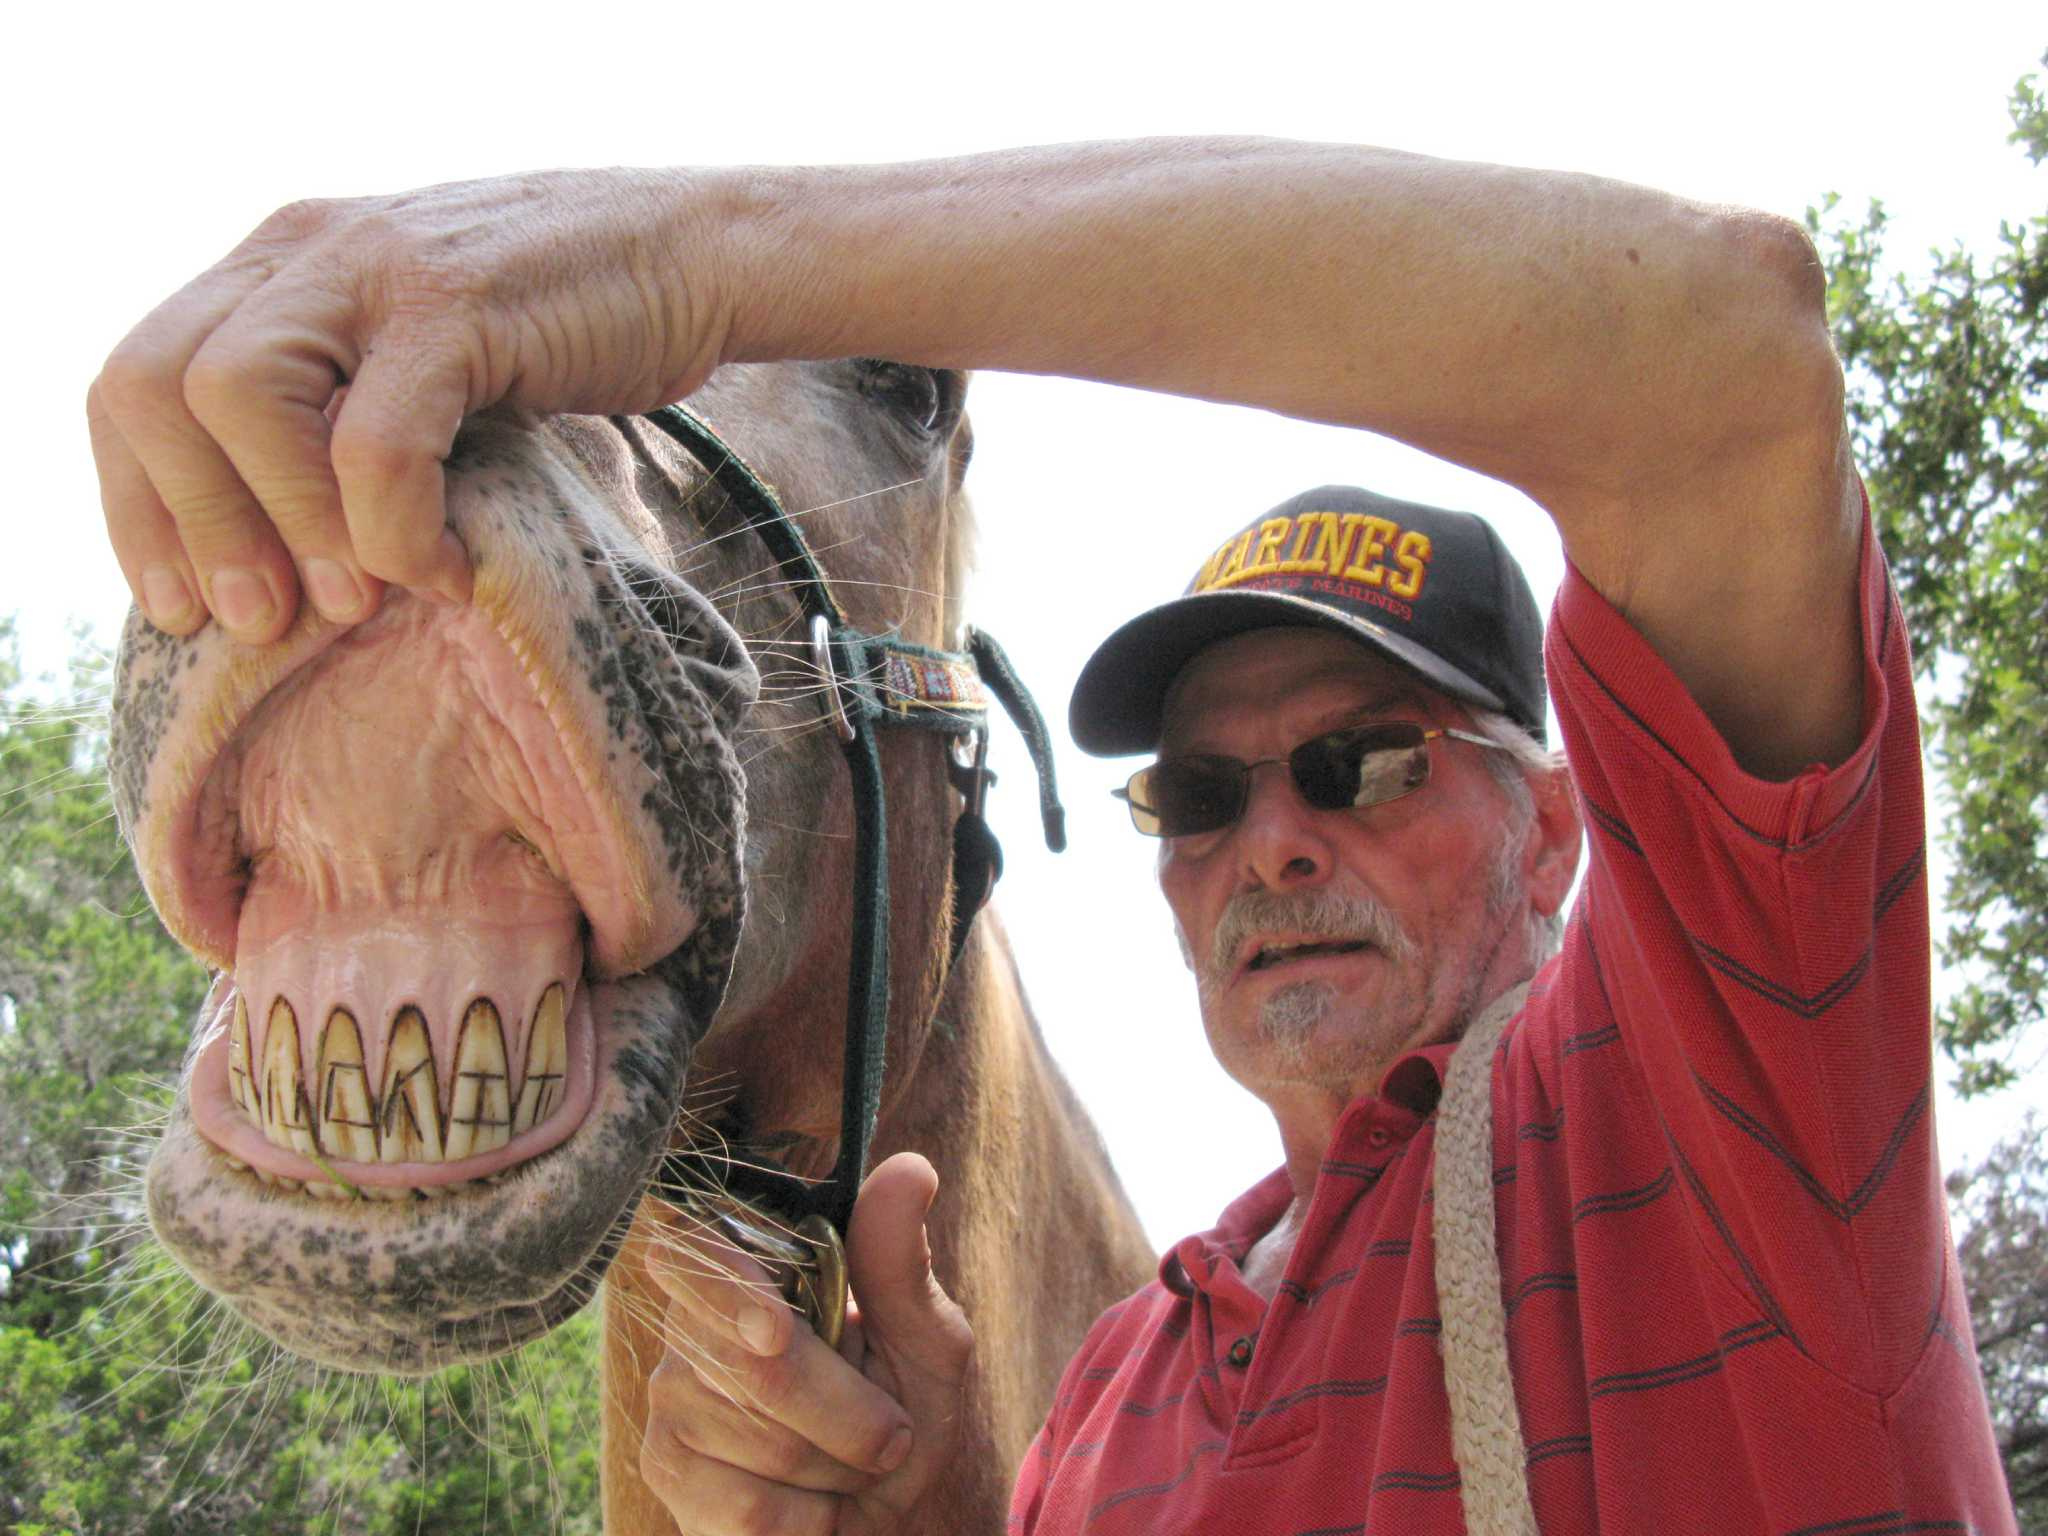 Смотреть онлайн бесплатно suck of the horse 5 фотография